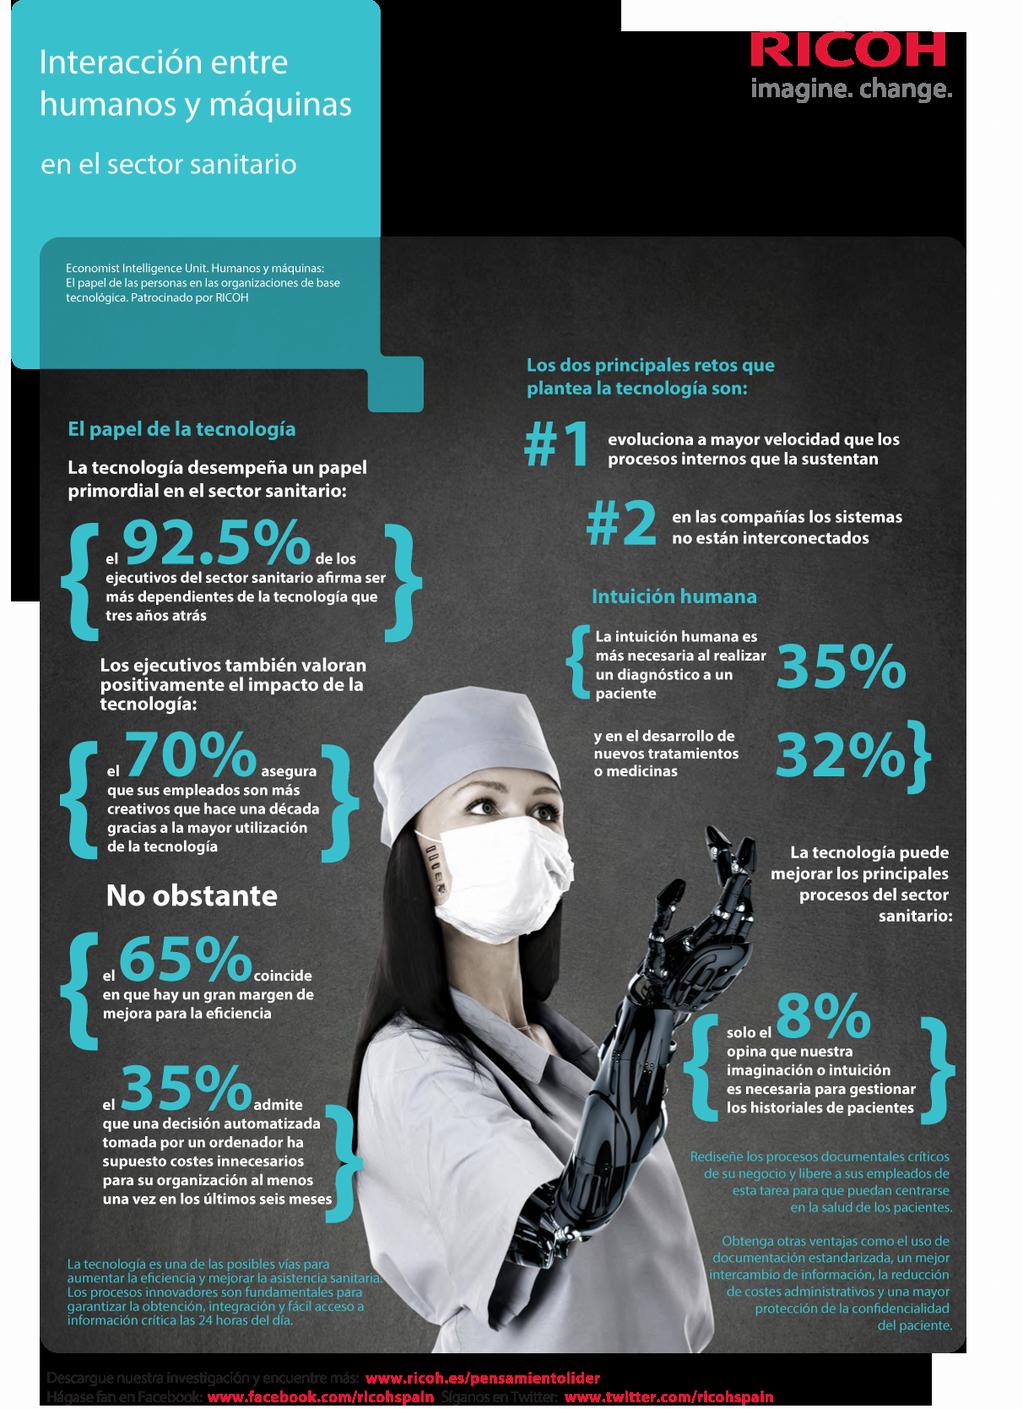 humanos con maquinas salud